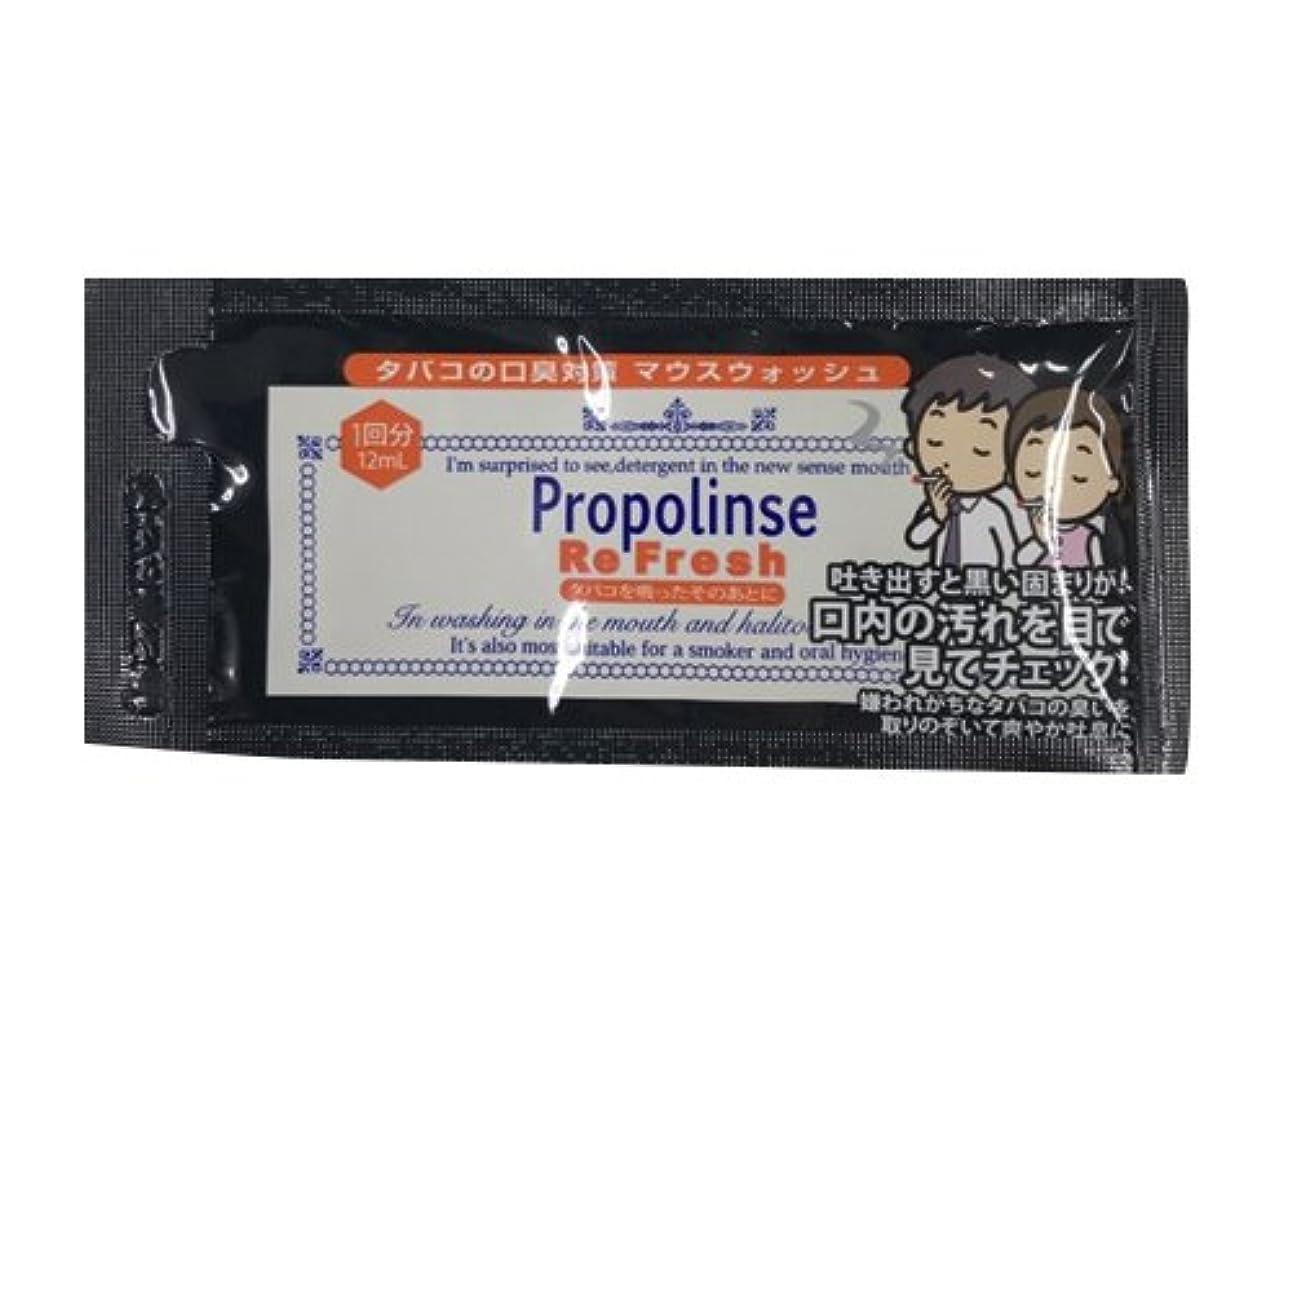 美しい純粋なボウルプロポリンス ハンディパウチ12ml ×50個 リフレッシュ